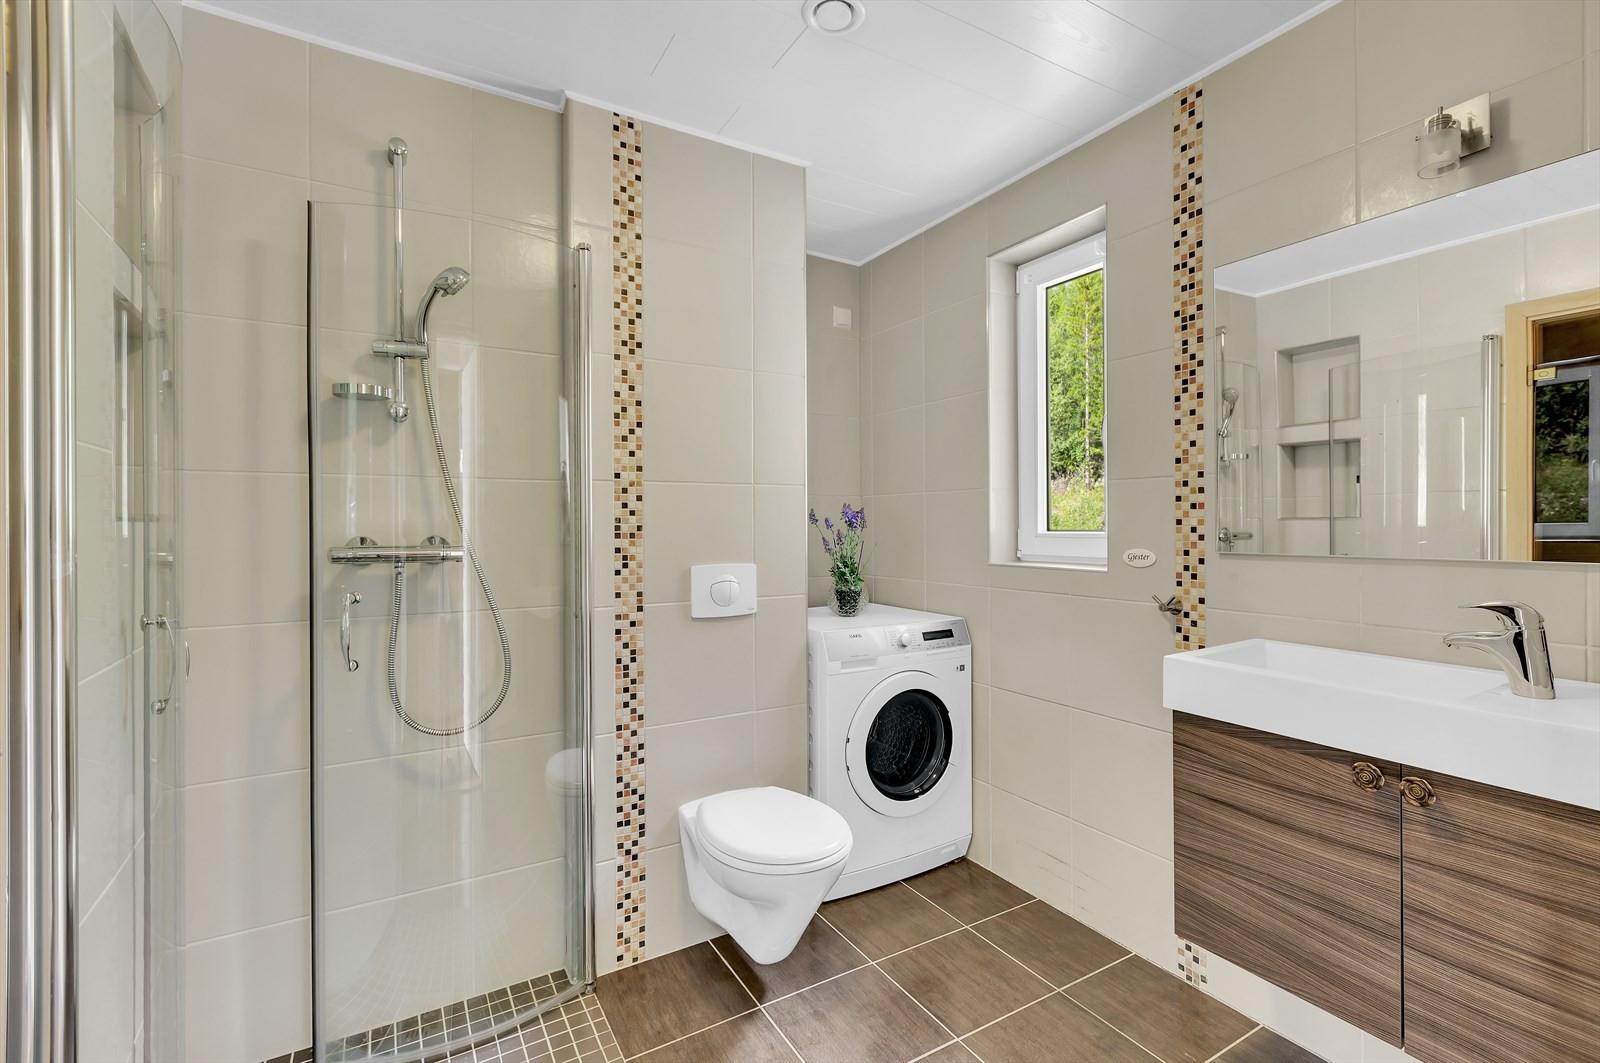 Boligen har et strøkent bad. Flislagt bad med dusjhjørne, veggopphengt toalett, servant med over og underskap.